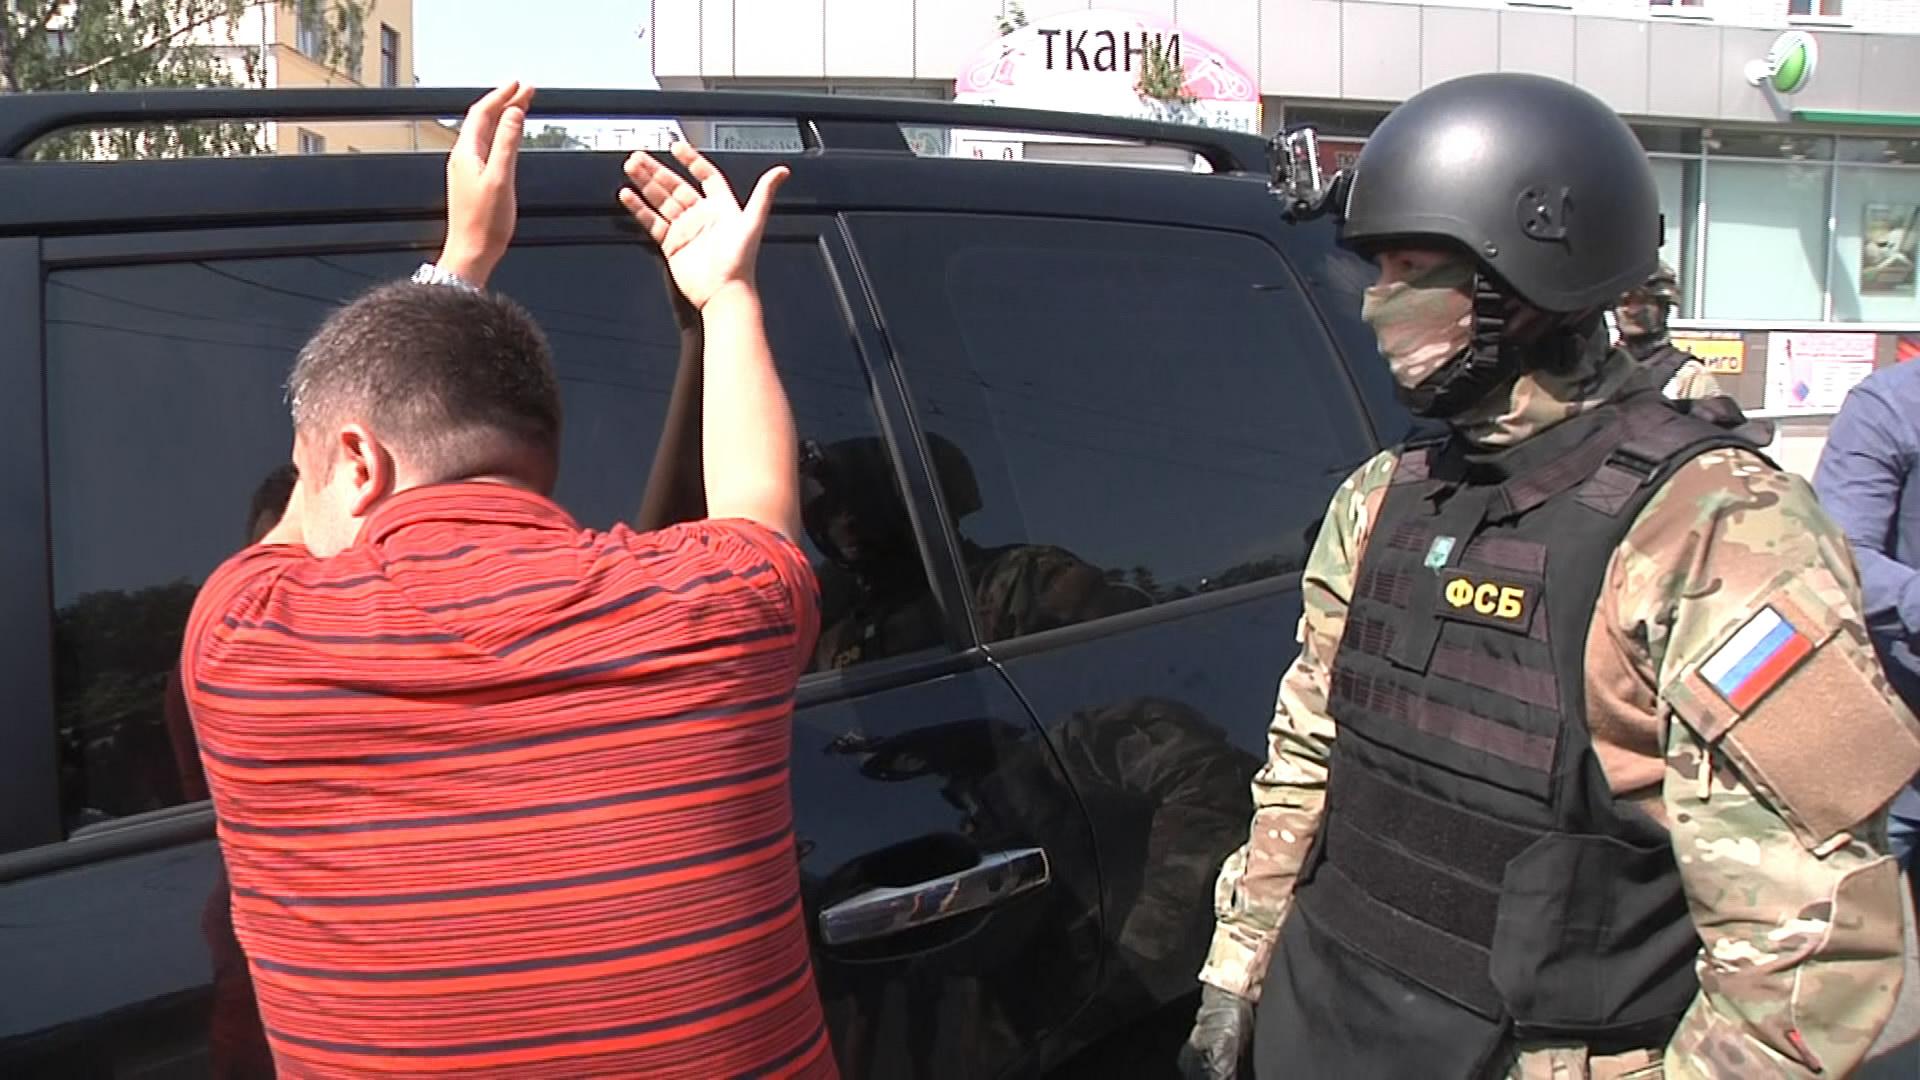 Ханчаляна из Общественной палаты взяли в Вологде с поличным на взятке за рубку леса